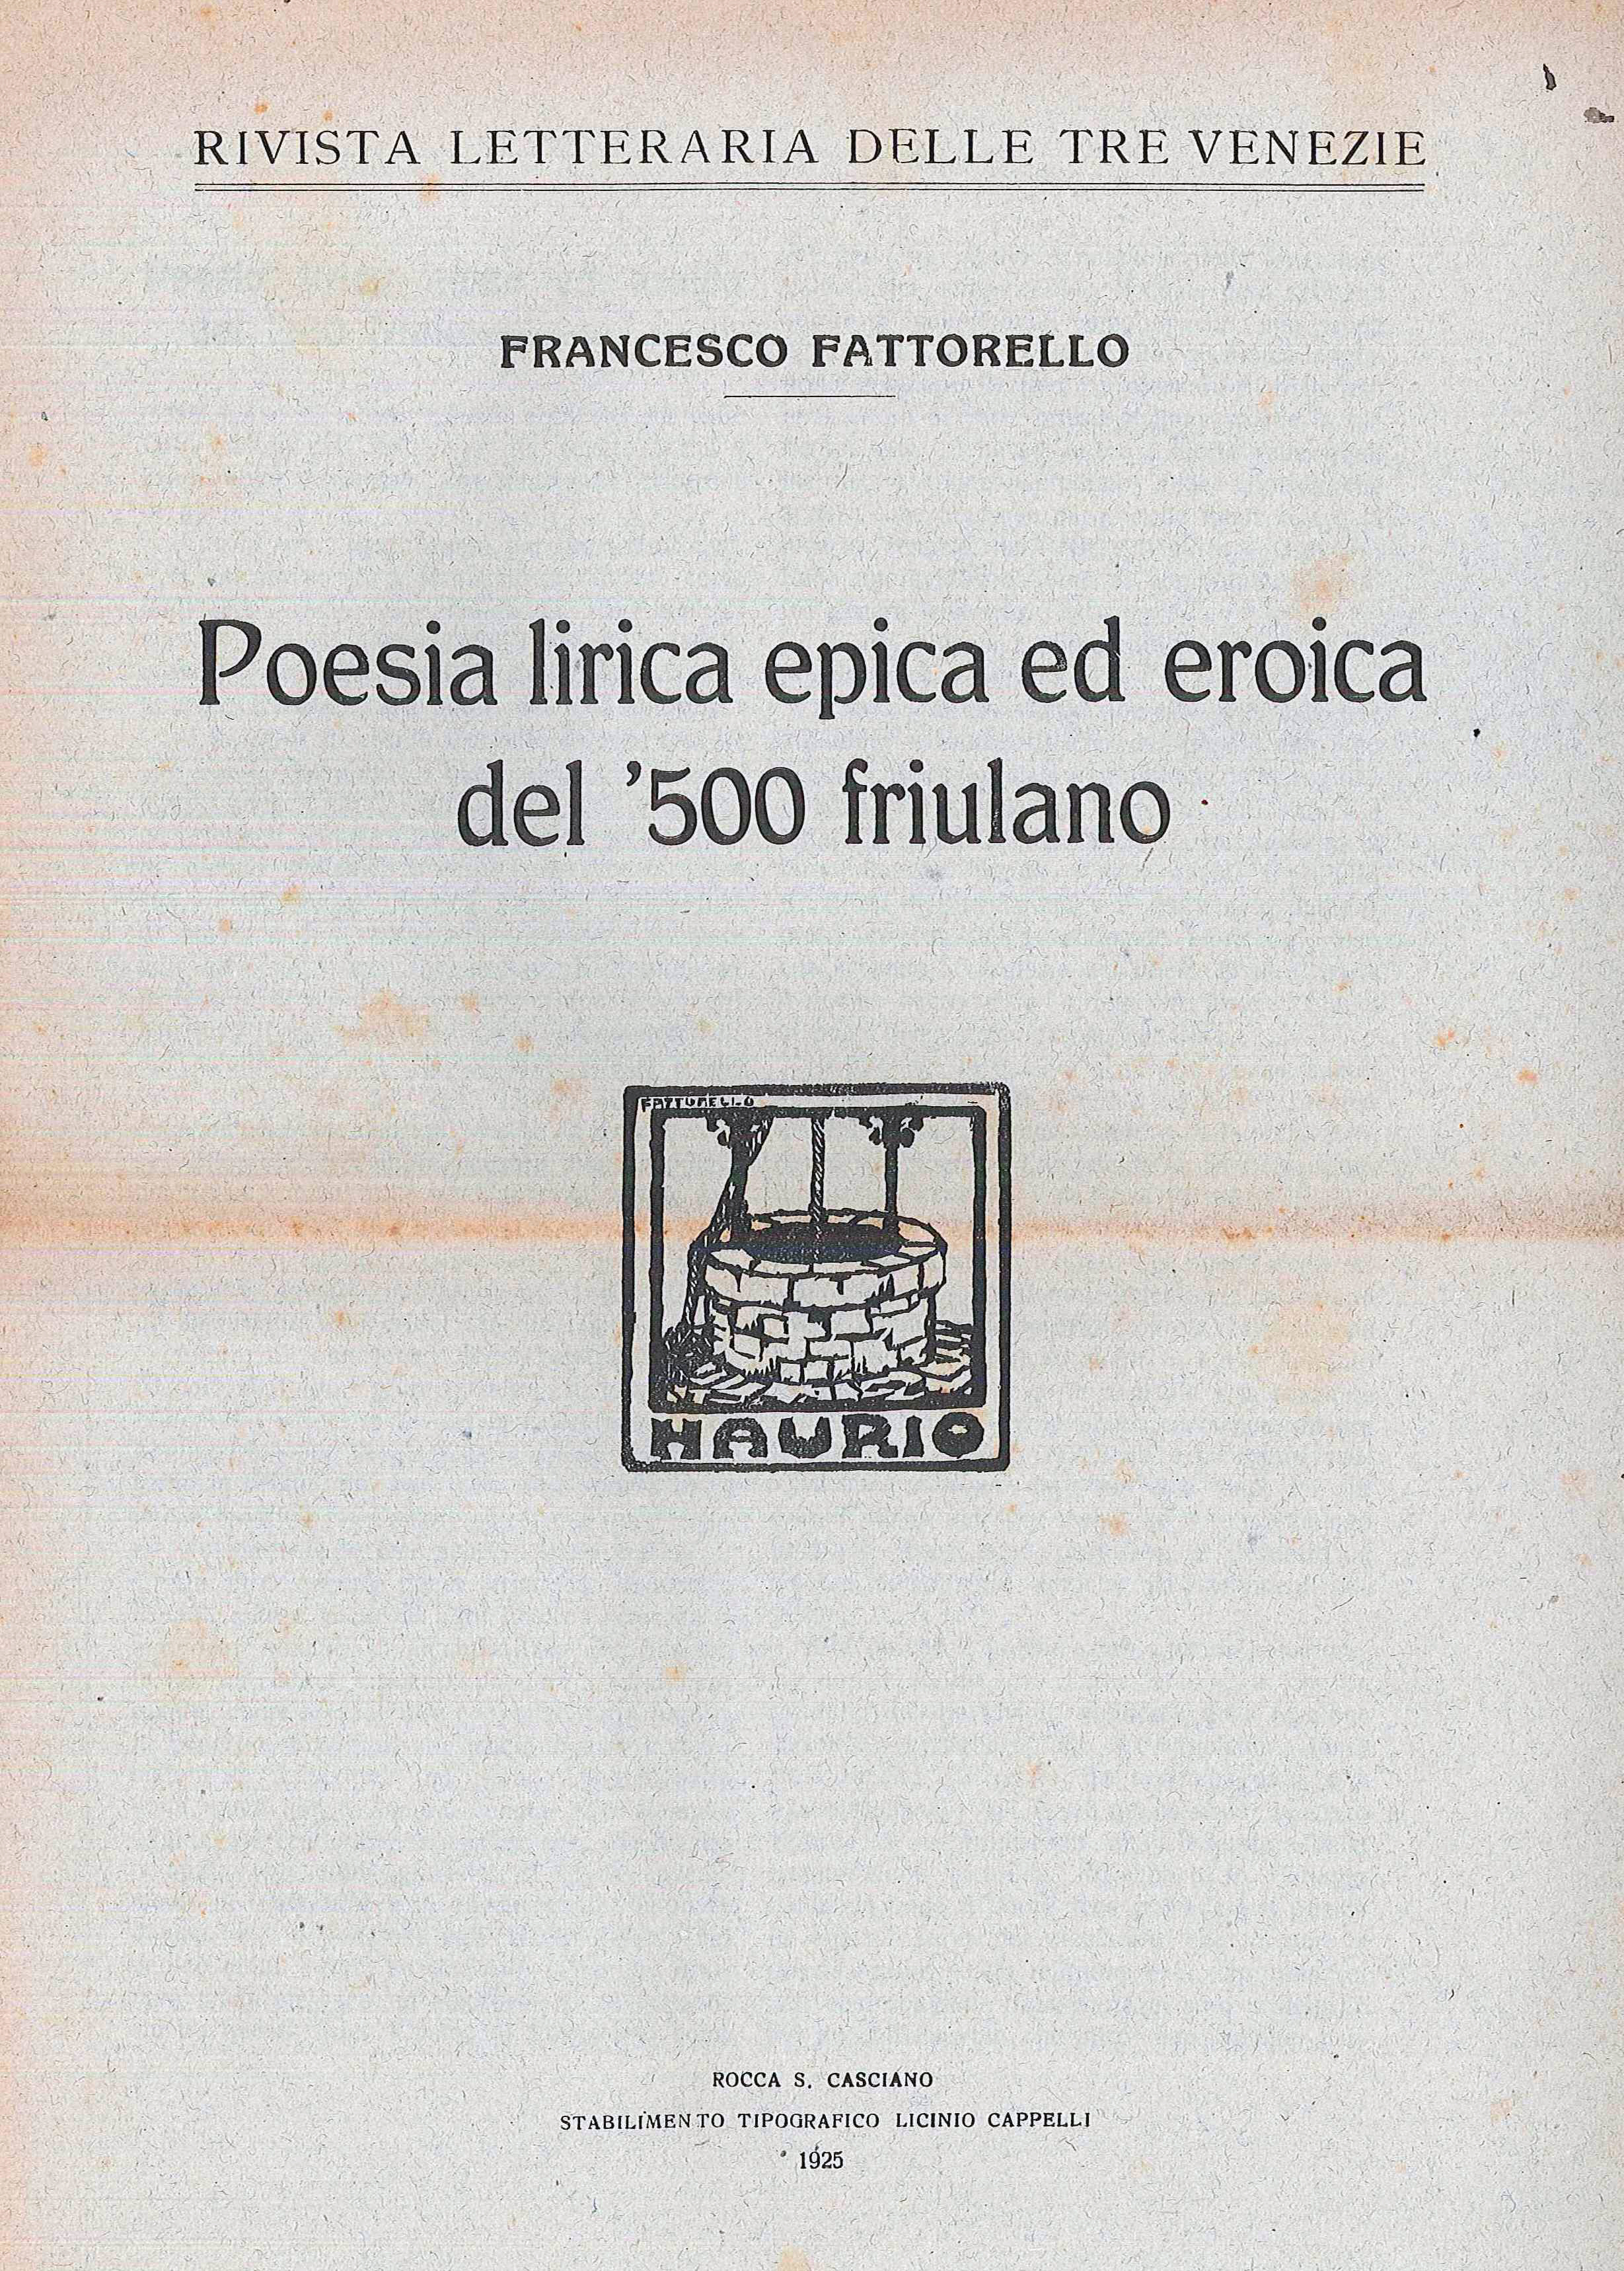 Poesia lirica epica ed eroica del '500 friulano (Stabilimento tipografico Licinio Cappelli - Rocca S. Casciano 1925)